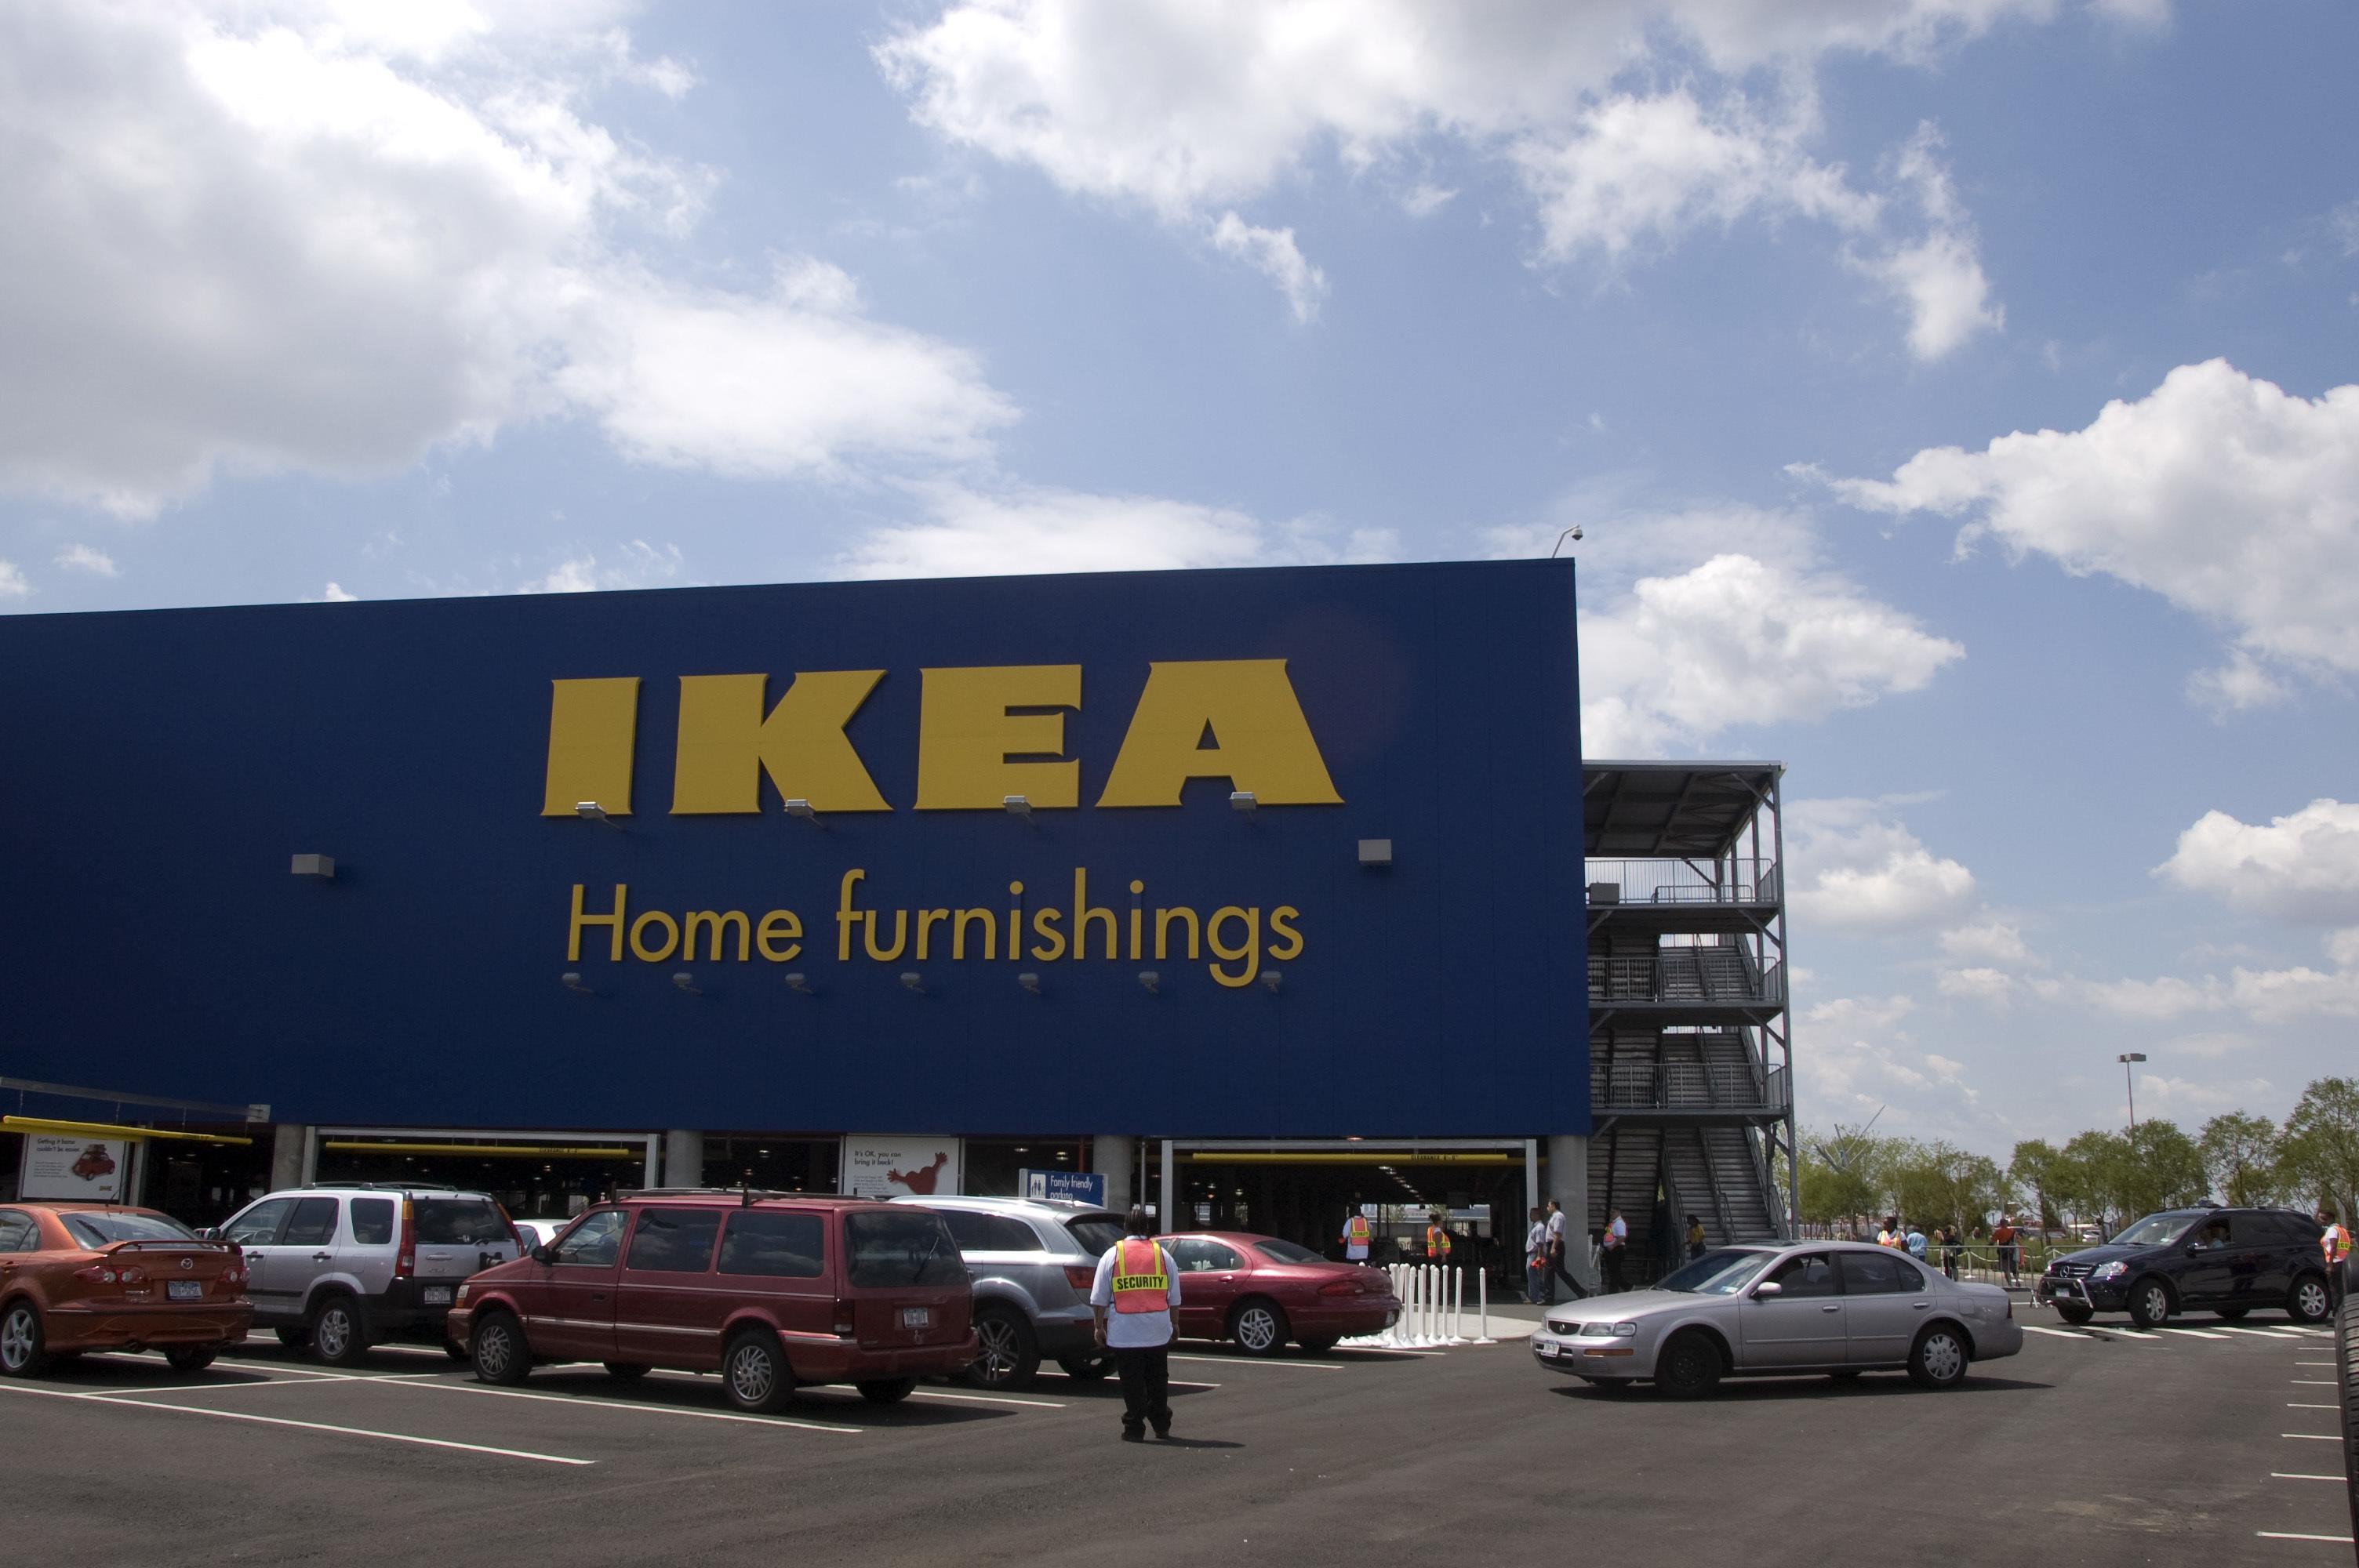 New Zealand has been left off an Ikea map